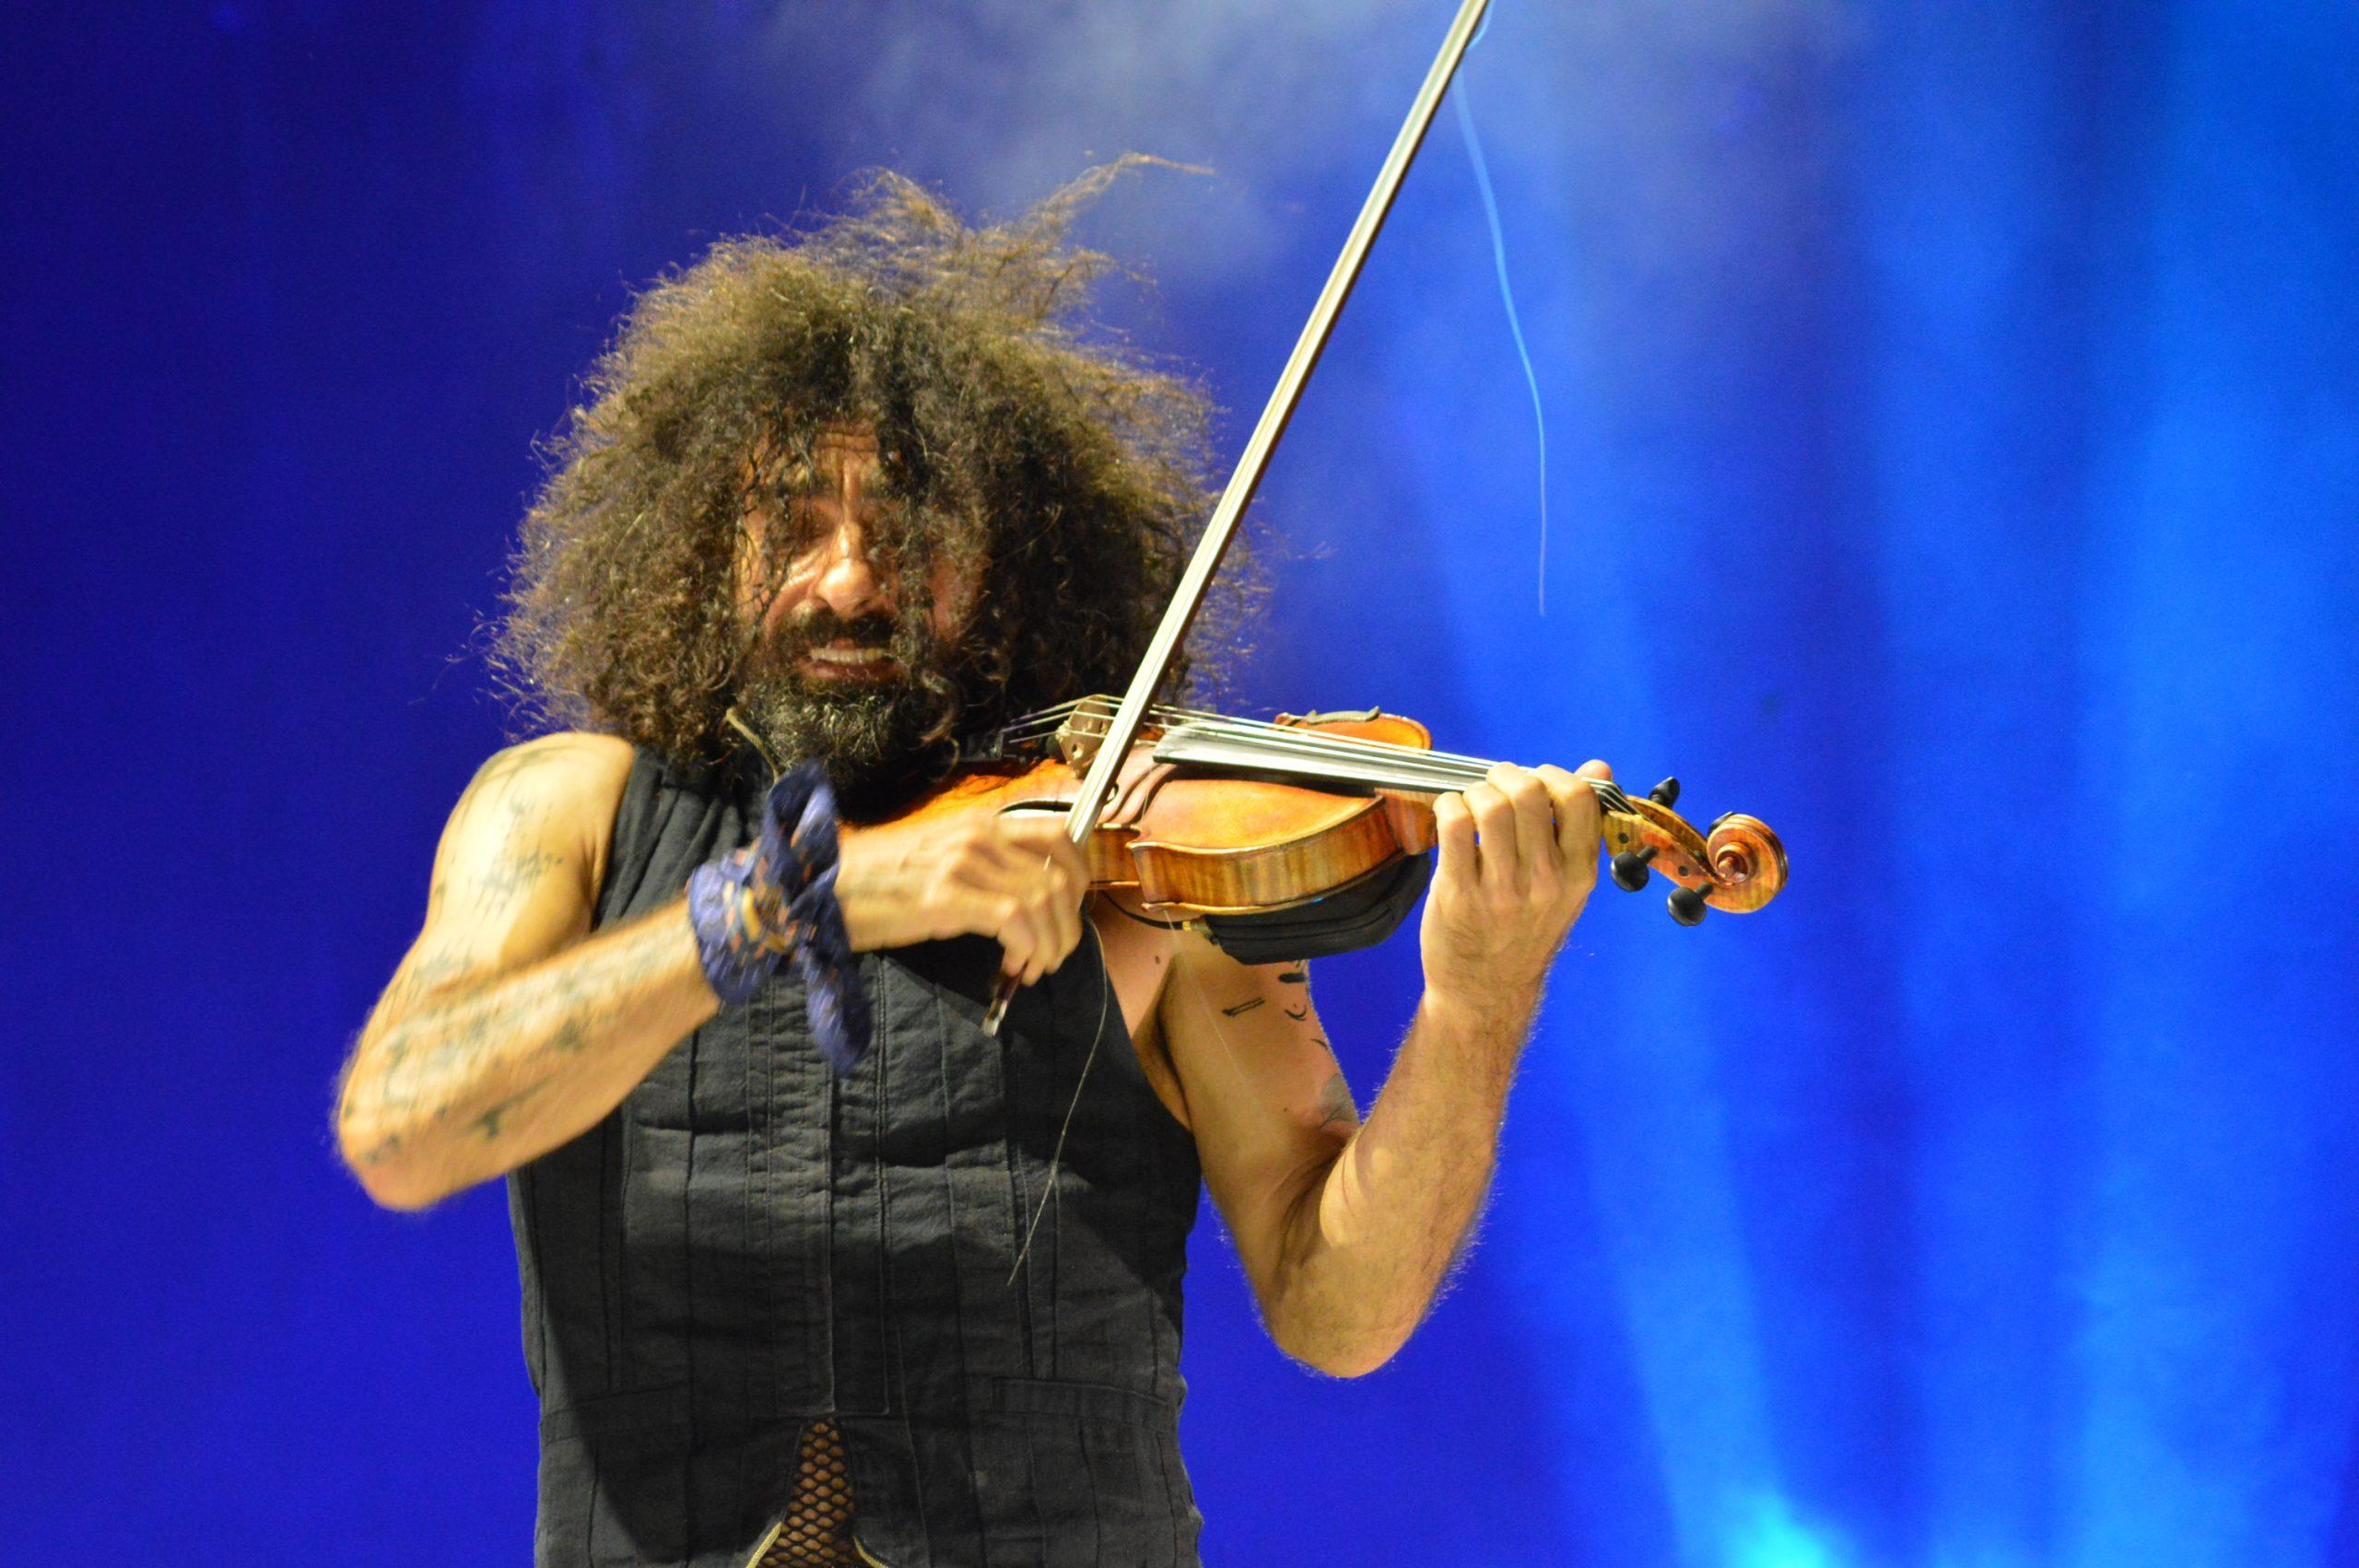 Ara Malikian emociona en su regreso a Ponferrada demostrando una vez más su virtuosismo con el violín 17